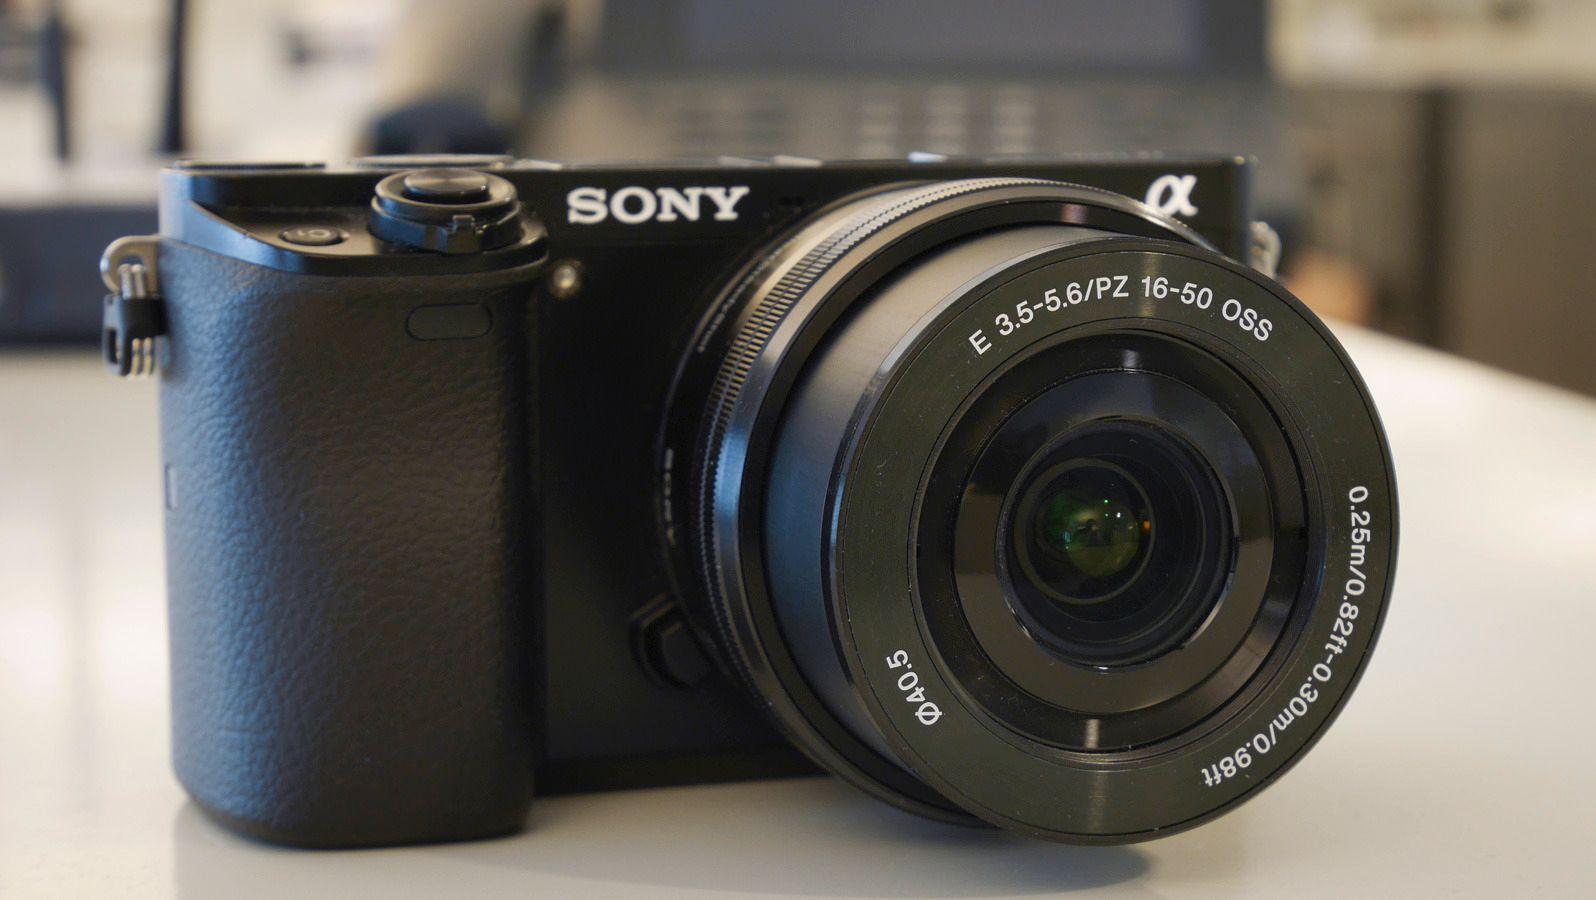 Vi tar i hvis vi kaller kameraet pent, men ergonomien er god. Foto: Kristoffer Møllevik